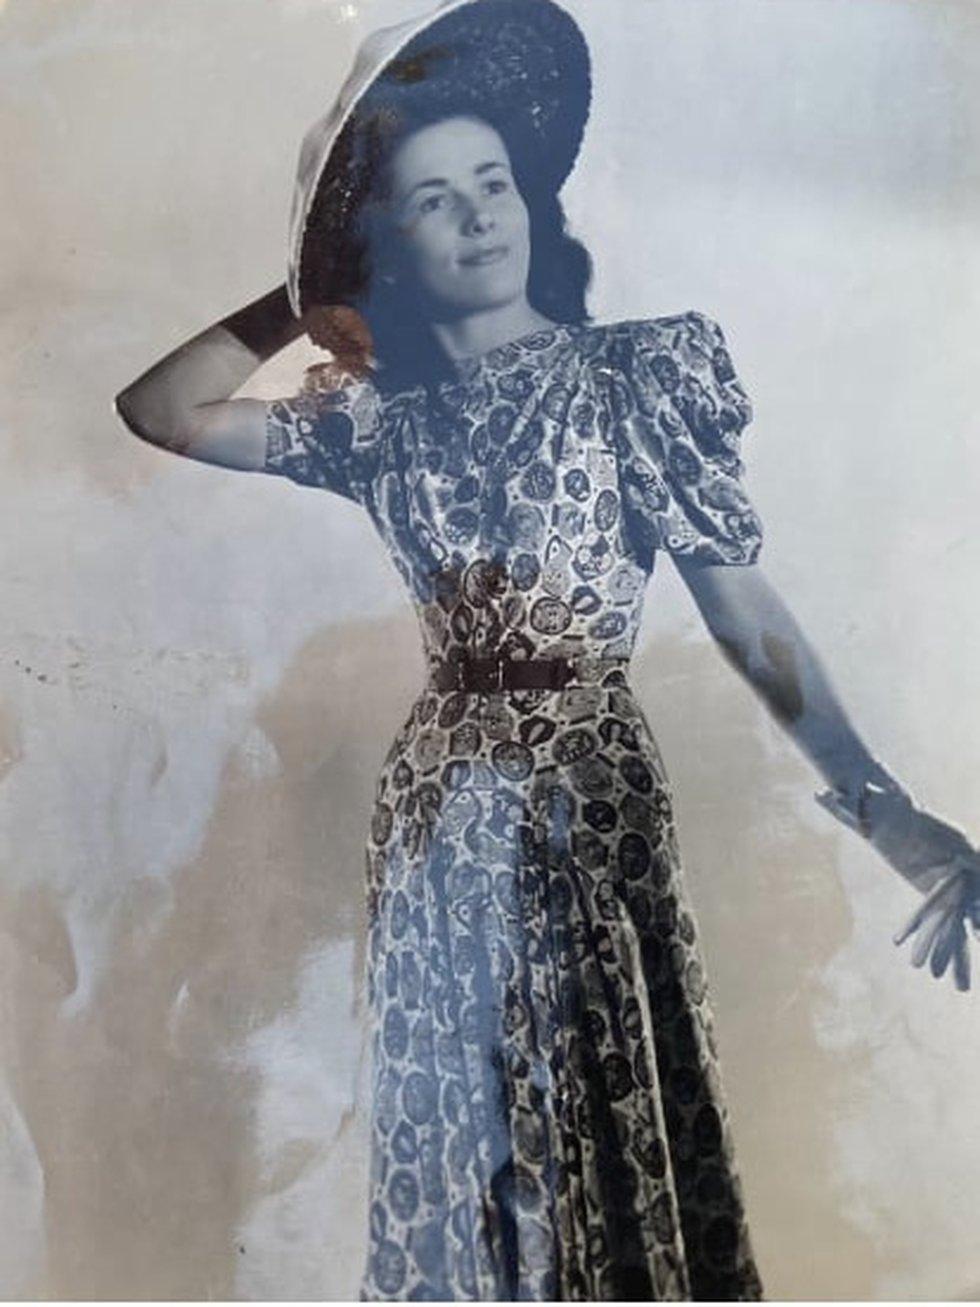 Jaqueline as a fashion model in Paris